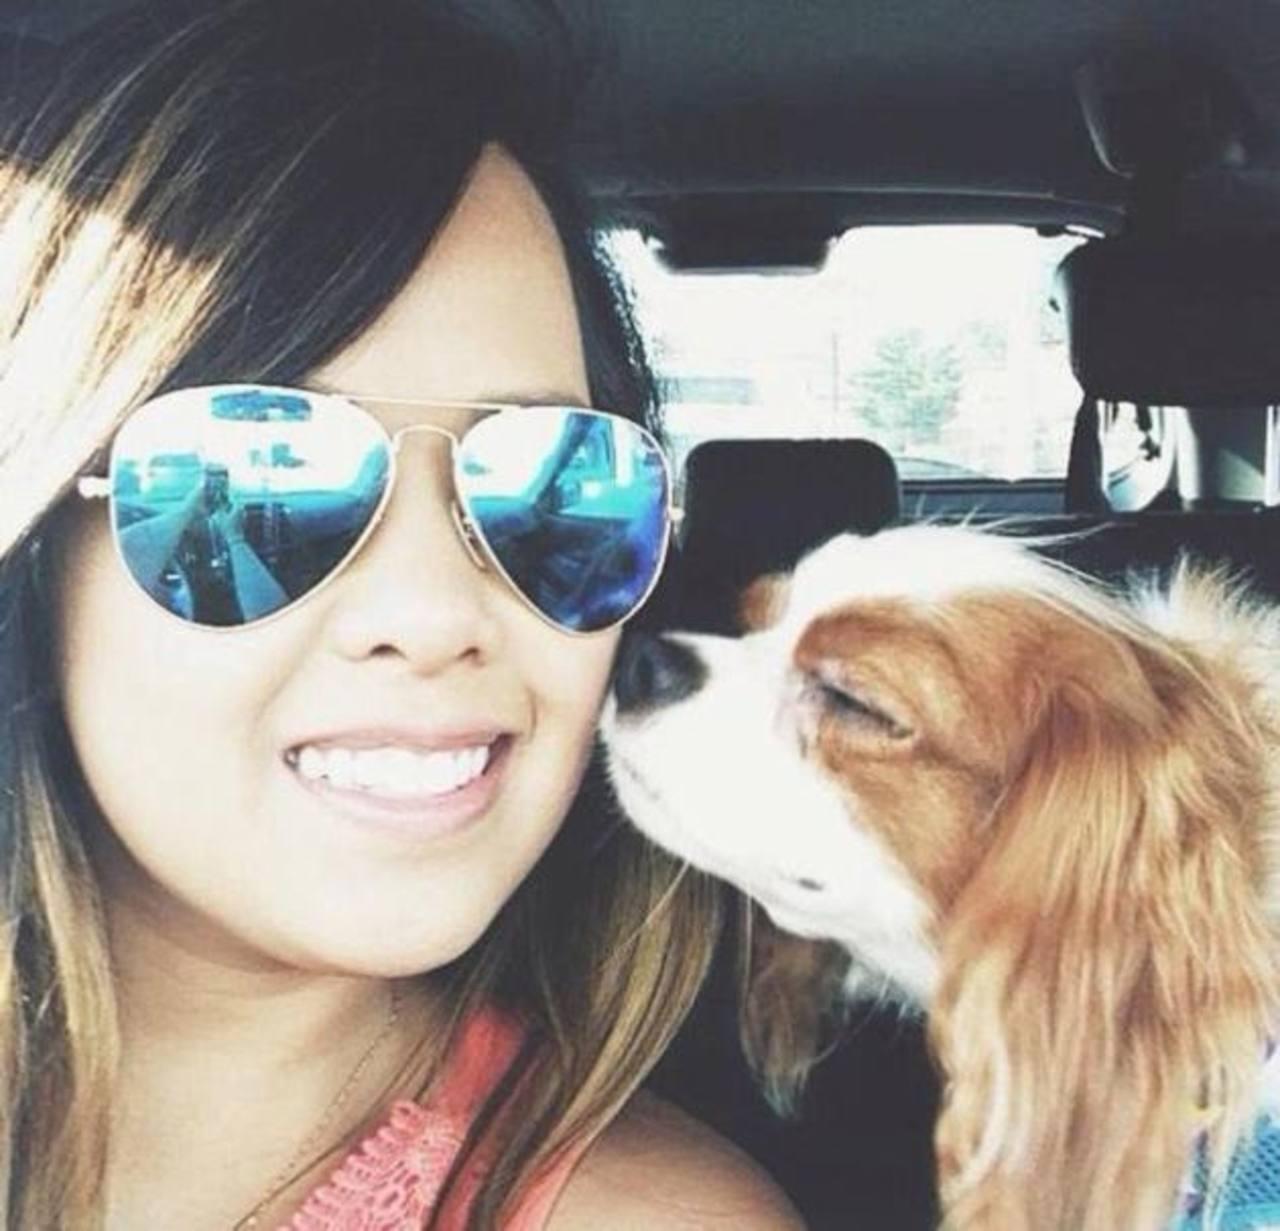 El perro de la mujer contagiada de ébola en EE.UU. no será sacrificado